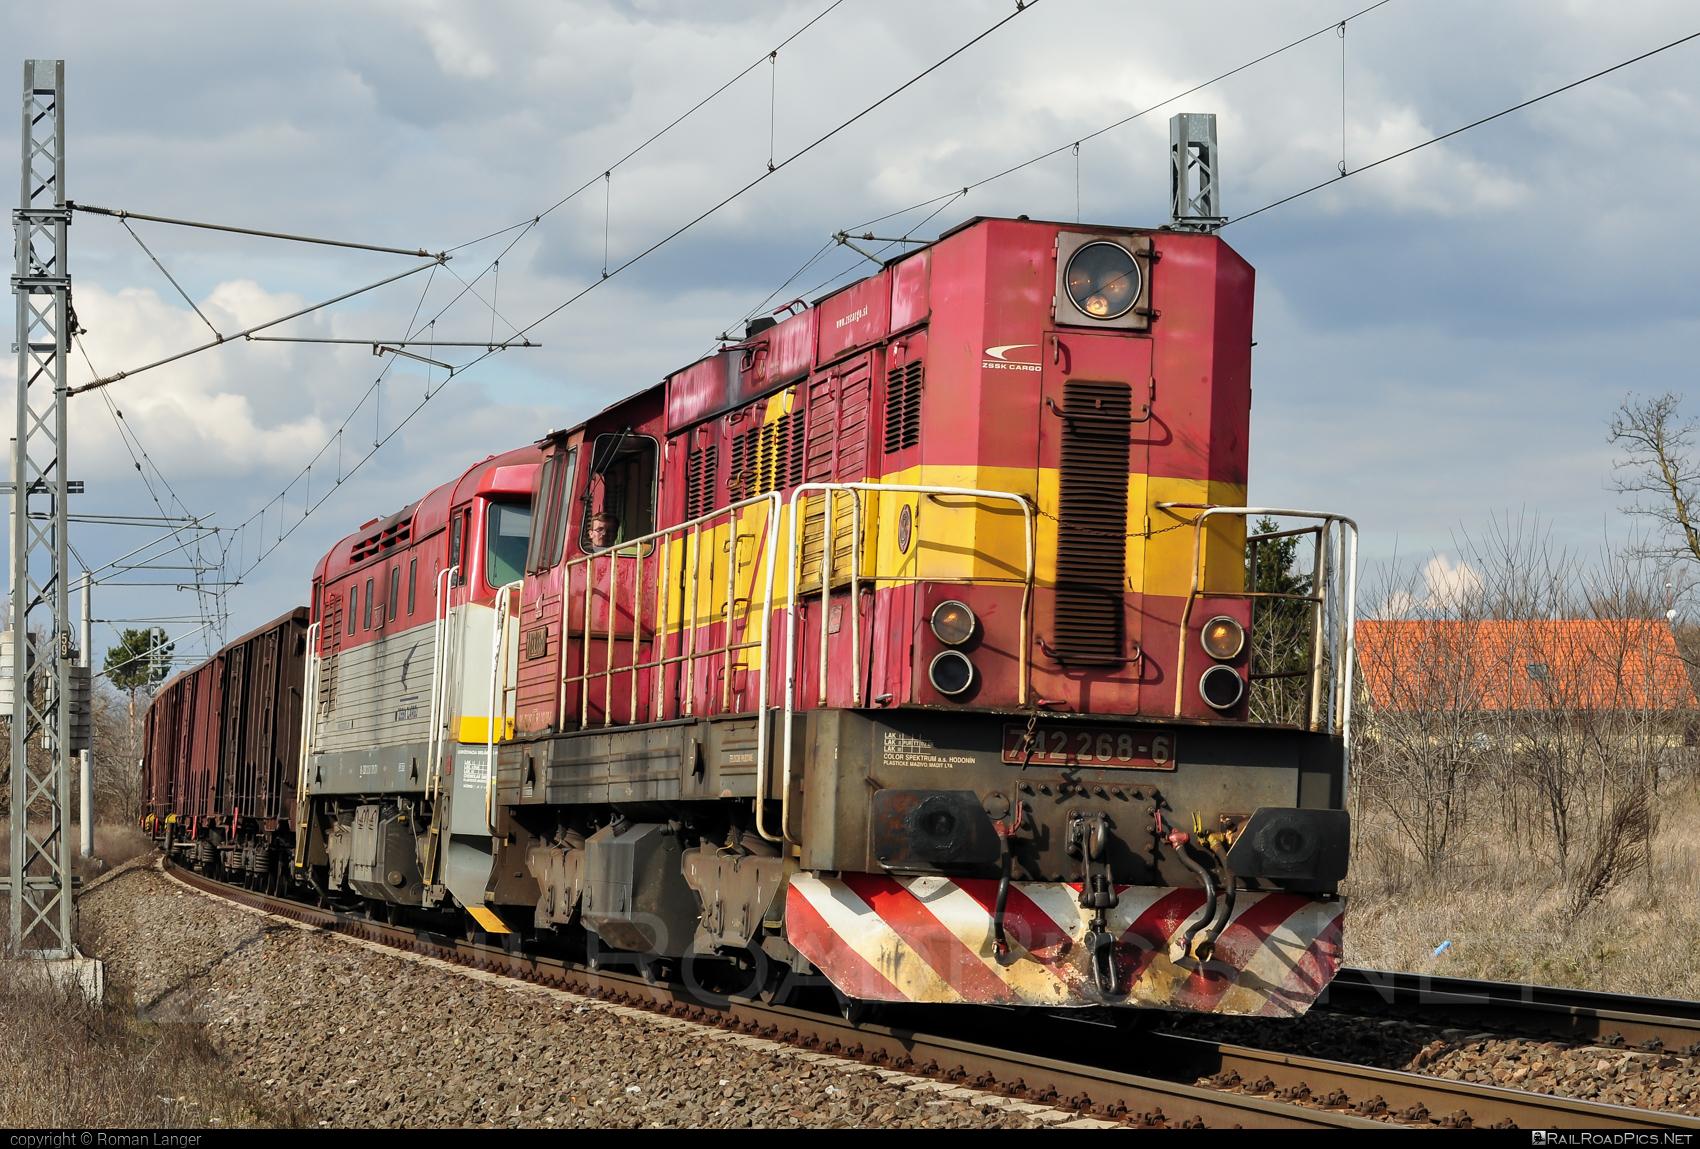 ČKD T 466.2 (742) - 742 268-6 operated by Železničná Spoločnost' Cargo Slovakia a.s. #ZeleznicnaSpolocnostCargoSlovakia #ckd #ckd4662 #ckd742 #ckdt4662 #zsskcargo